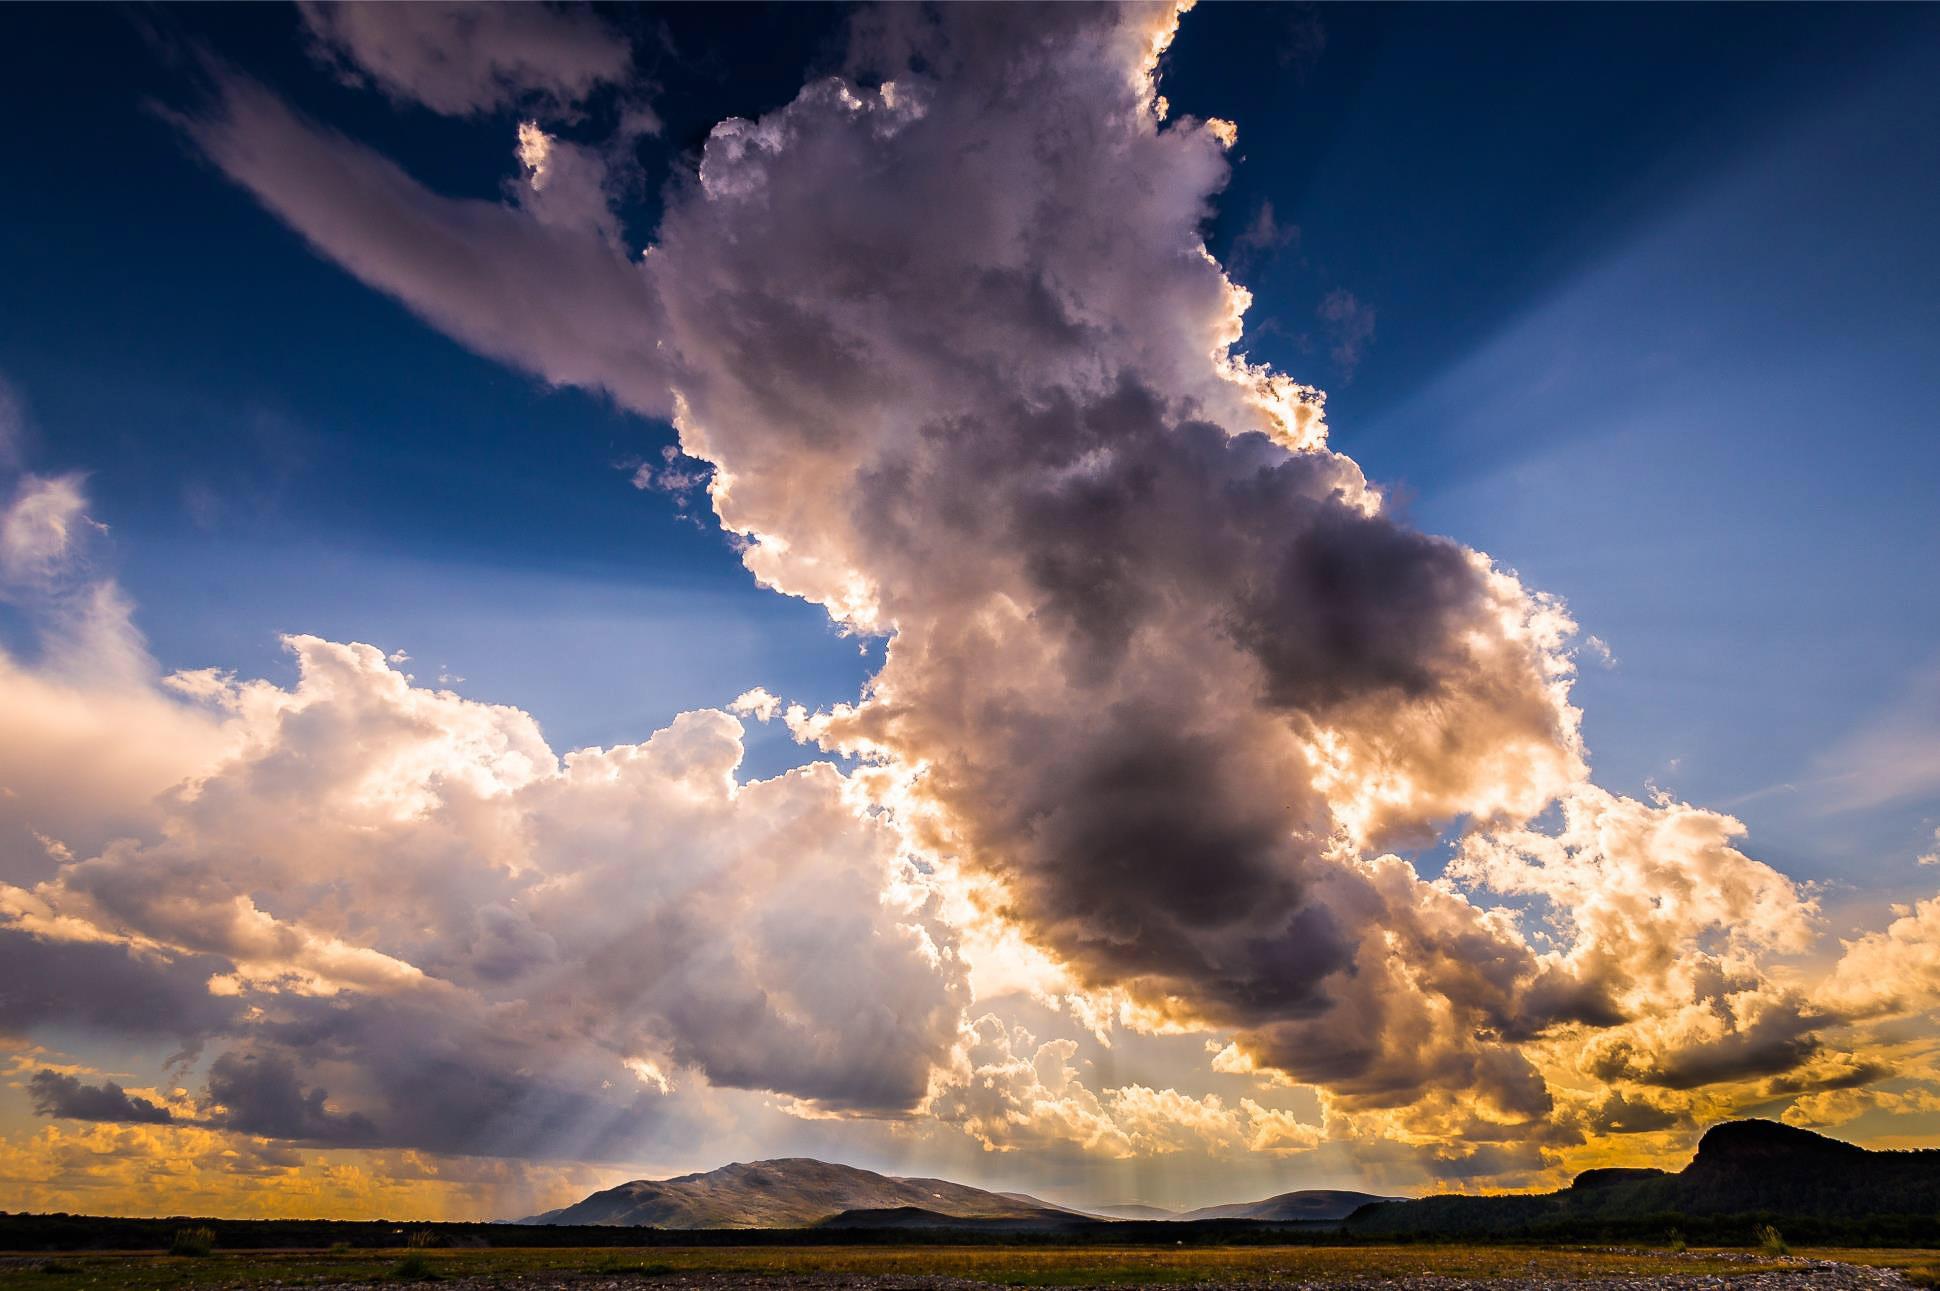 """""""Stille før stormen"""" For noen somre siden besøkte jeg en slektning som bor i Stabbursnes. Par mil nord for Lakselv i Finnmark. Tok en gåtur i fjæra mens jeg så været brygge over meg. Nede til venstra kan man såvidt skimte Lakselv, hvor regnværet slått til. Jeg ser regnet fare hurtig over Lakselv. mot øst. Trygg på at jeg ikke får regnet over meg, vandrer jeg videre og beskuer de spennende elektriske skyene som dekker til solen. Lufta føles elektrisk. Spenningene er der i skyene. Men de kommer aldri. Du kan se flere bilder fra turen min i Stabbursnes her: bit.ly/stabbursnes"""